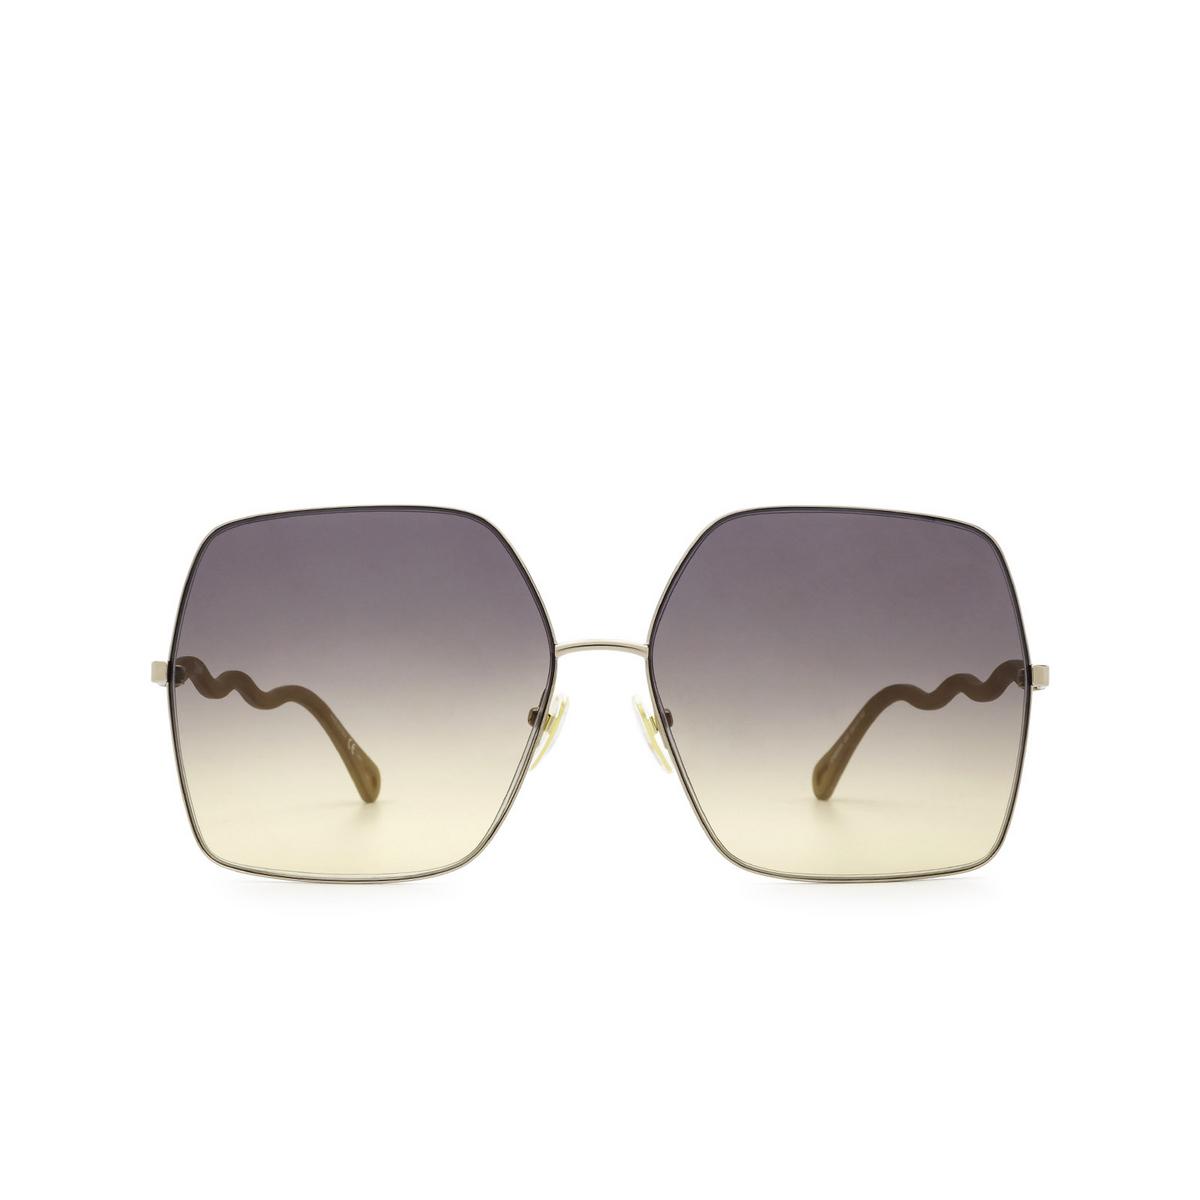 Chloé® Square Sunglasses: CH0054S color Beige 002 - front view.